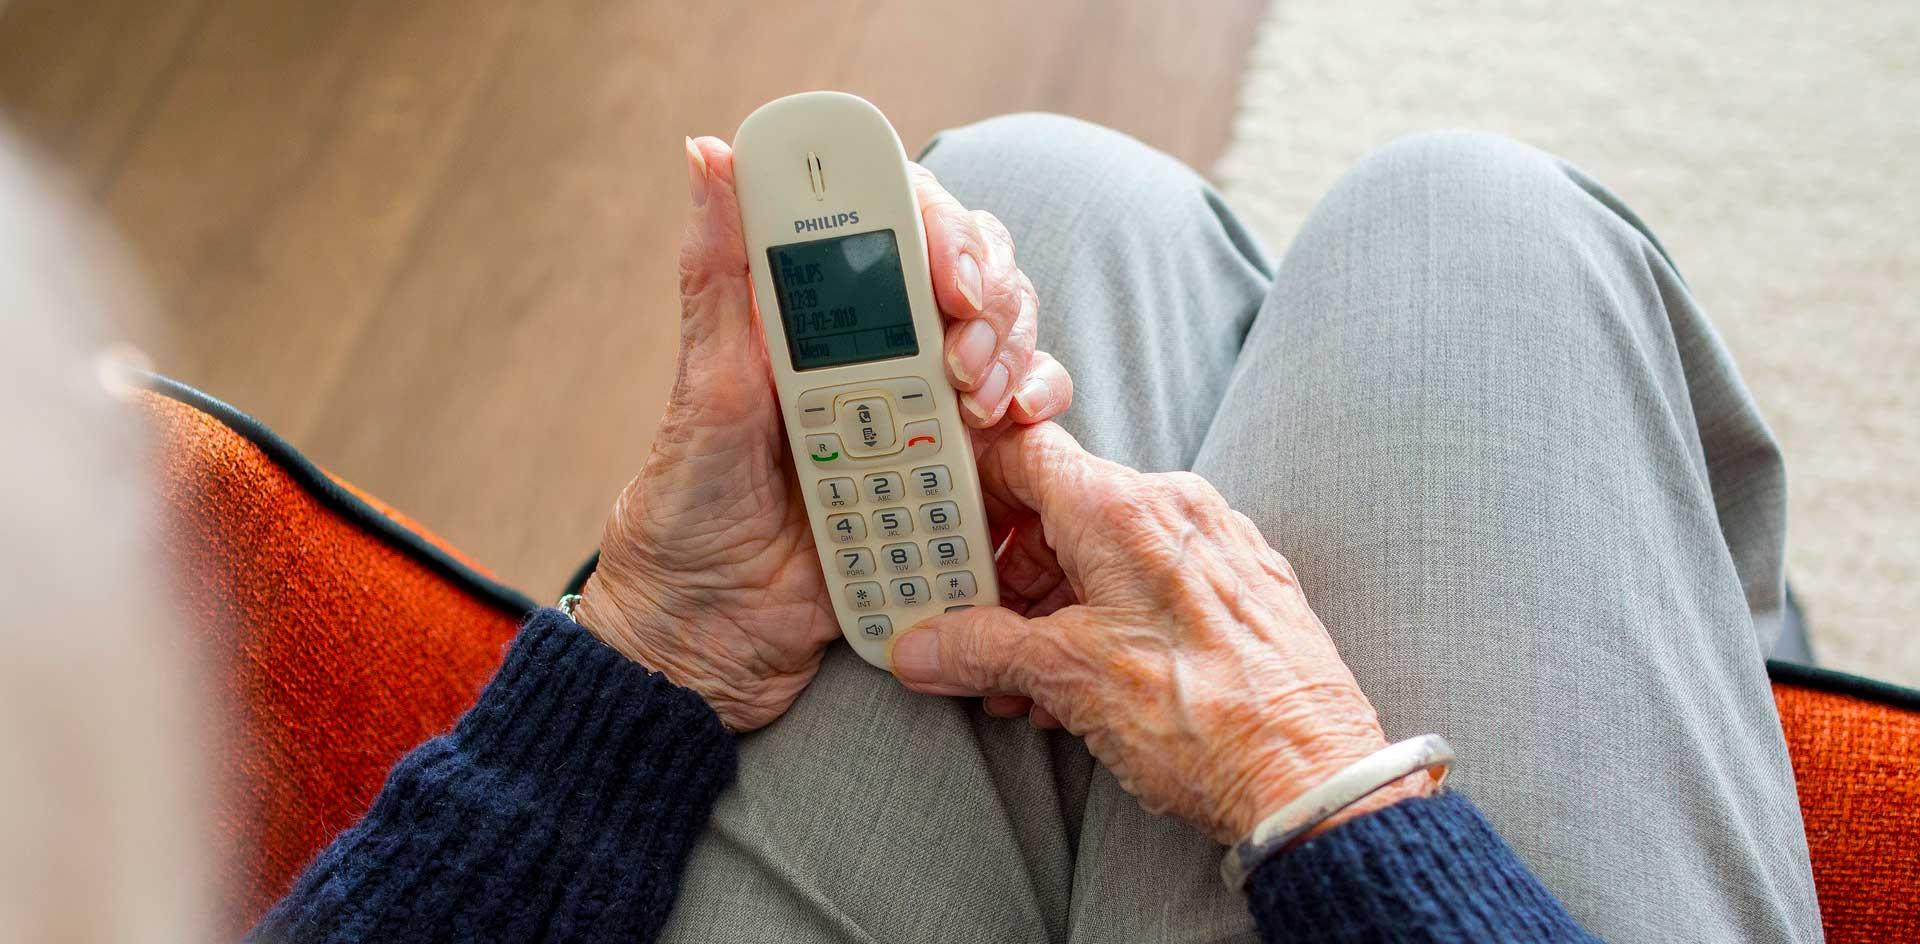 Kontaktpflege per Telefon